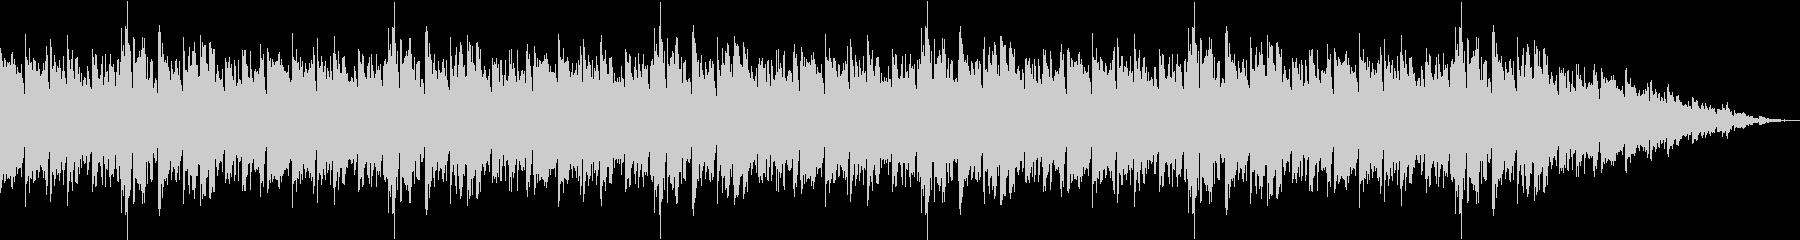 クライマックスをイメージした曲の未再生の波形